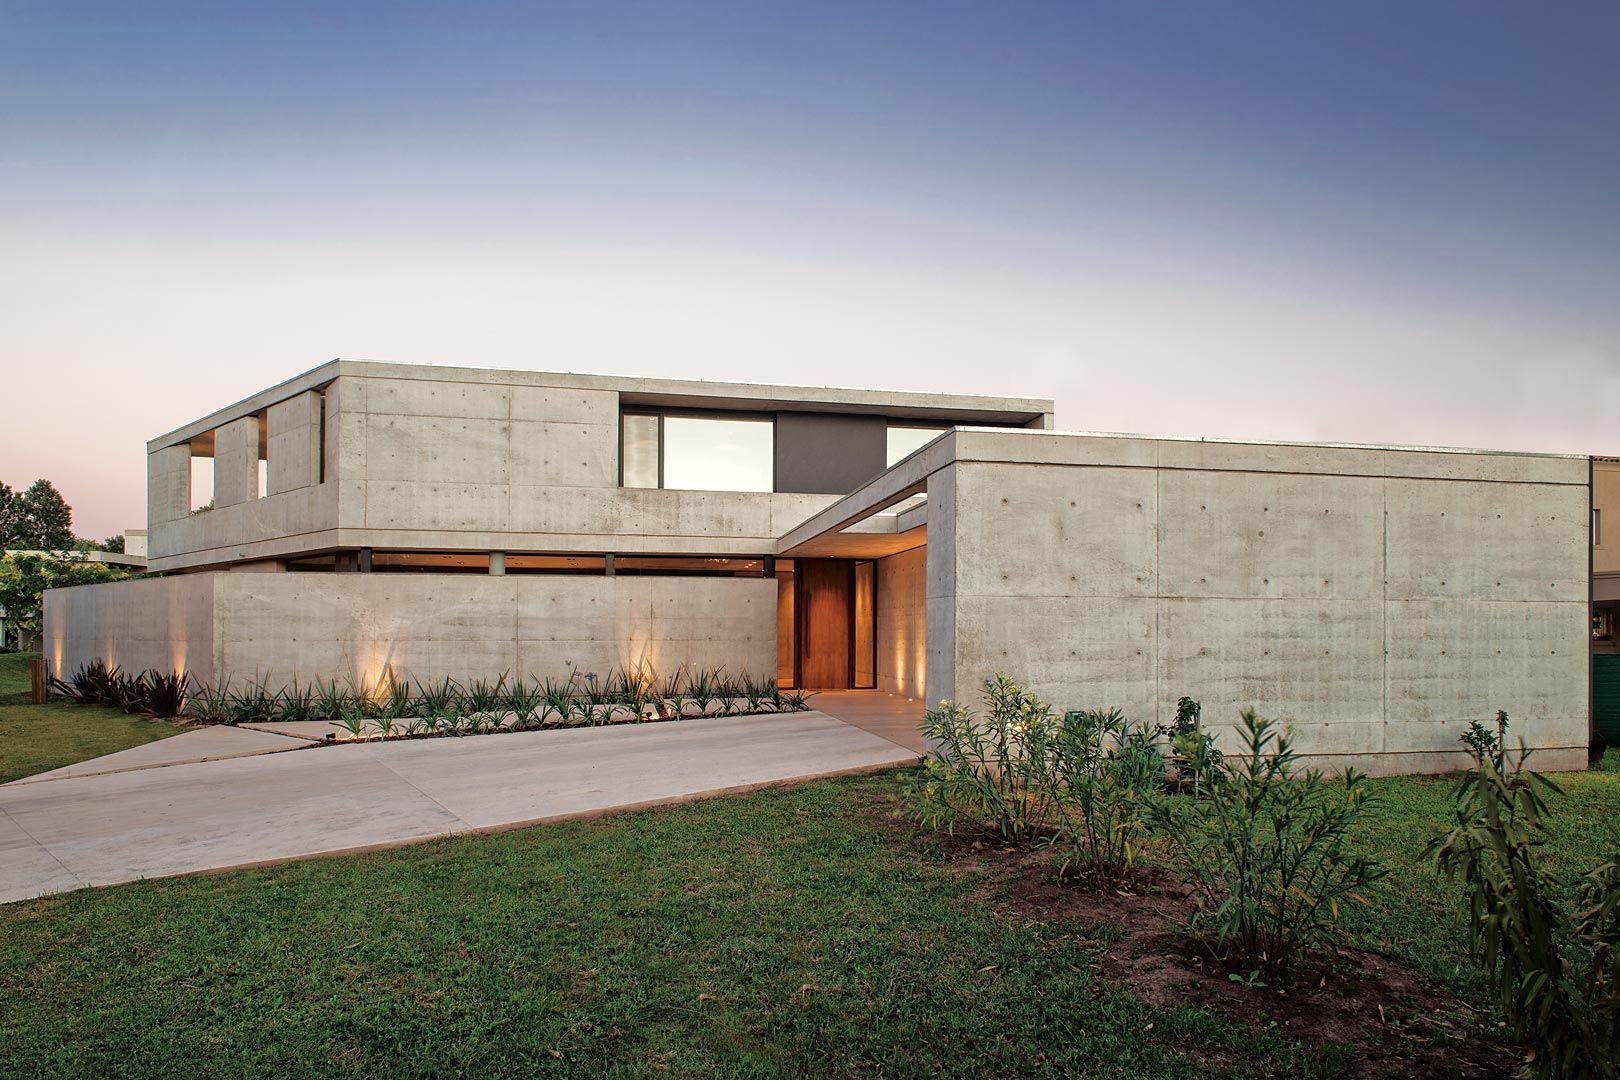 Amado cattaneo arquitectos casa chia in 2019 dream house casas casas modernas - Arquitectos casas modernas ...